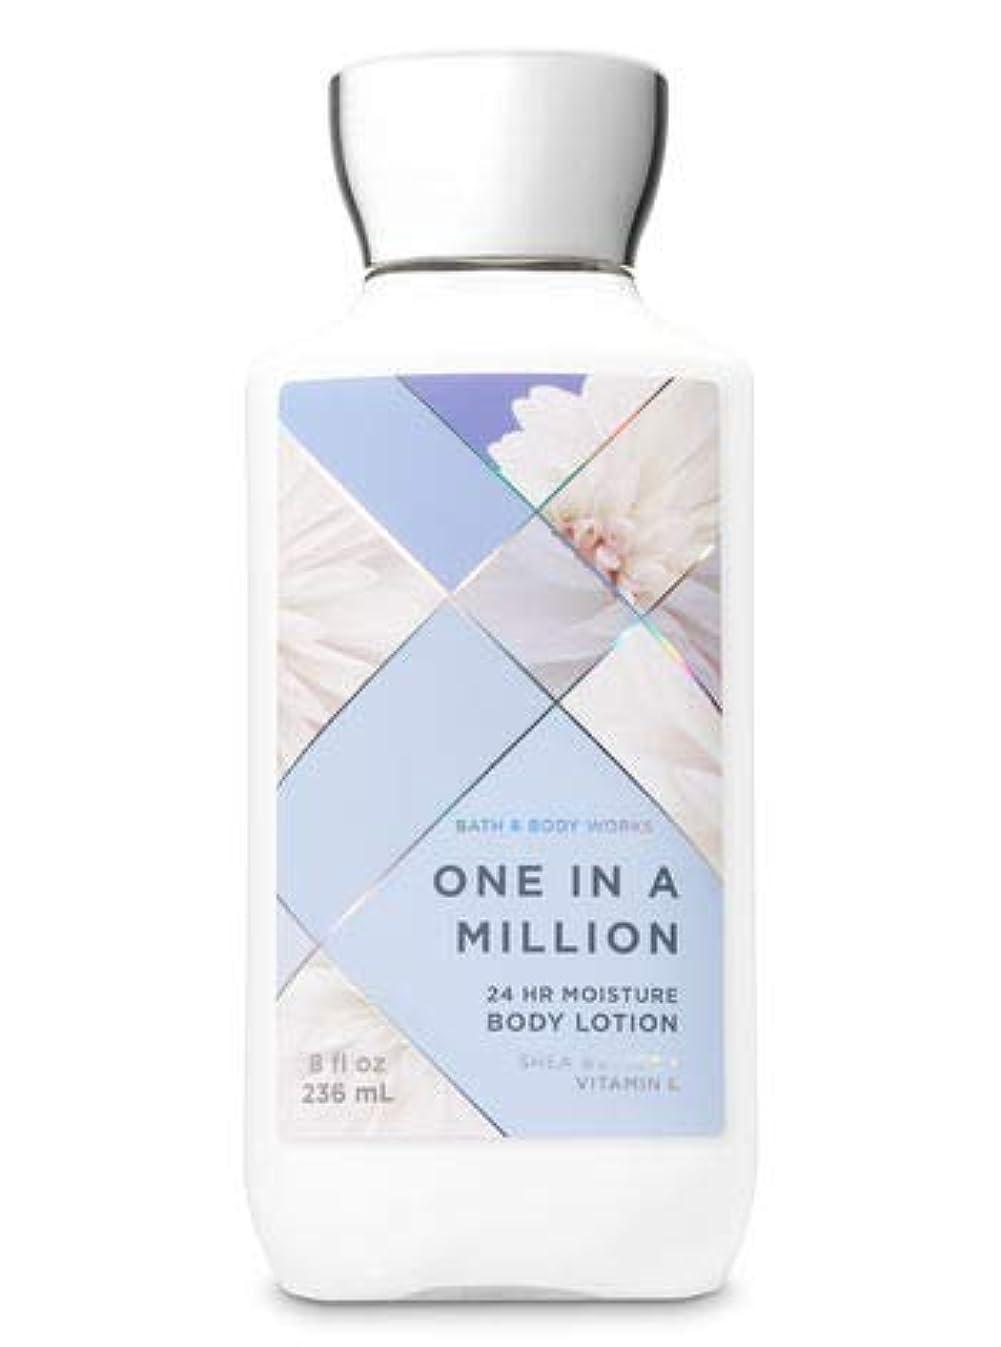 好みチーフむしろ【Bath&Body Works/バス&ボディワークス】 ボディローション ワンインアミリオン Super Smooth Body Lotion One in a Million 8 fl oz / 236 mL [並行輸入品]